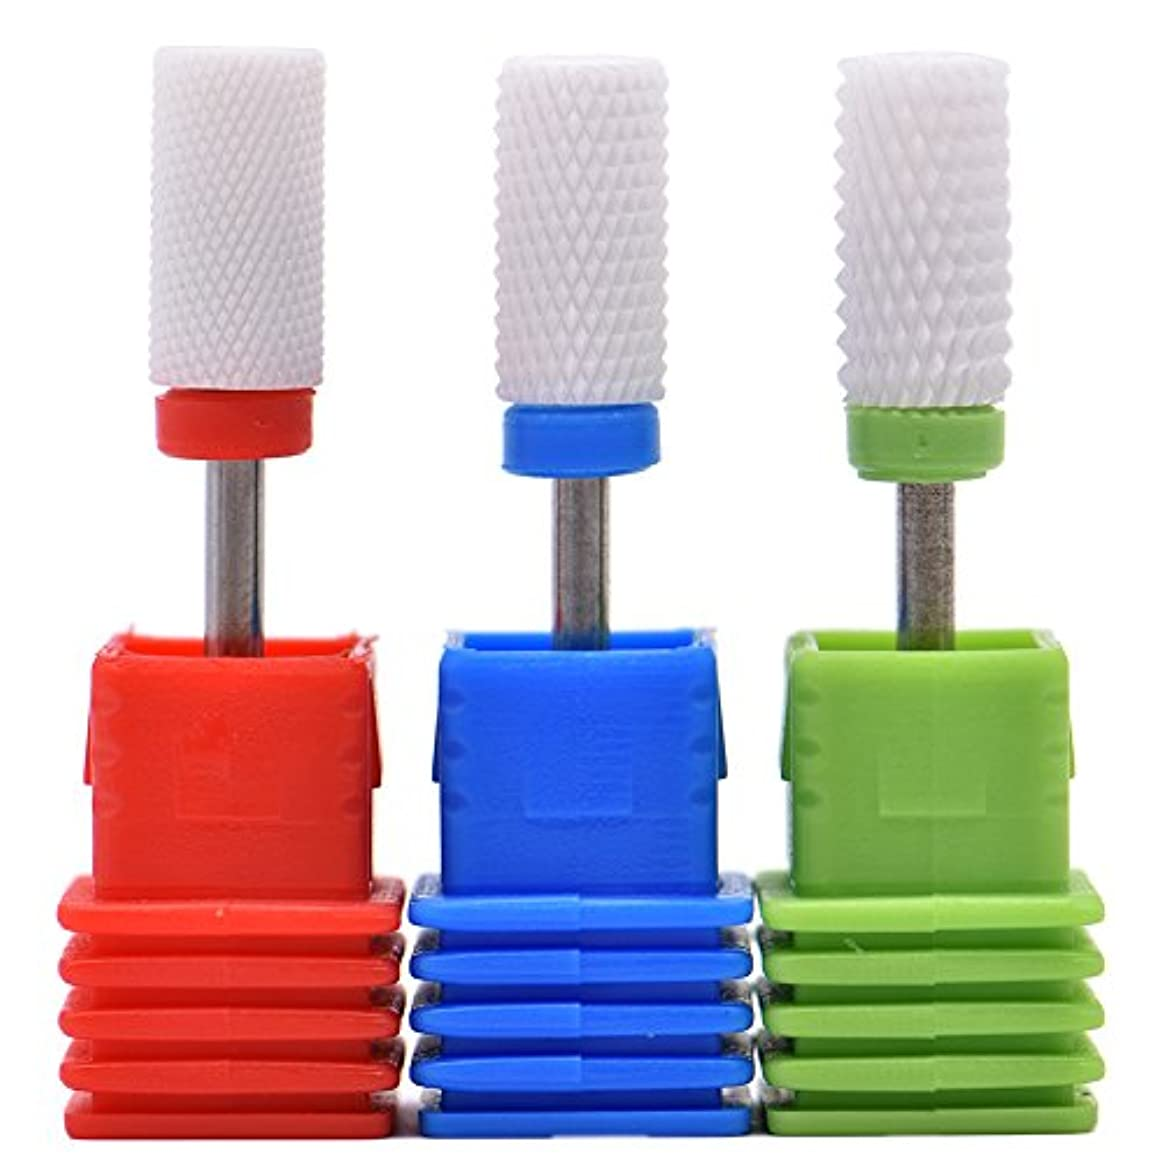 落胆した線形こんにちはOral Dentistry ネイルアート ドリルビット 研削ヘッド 研磨ヘッド ネイル グラインド ヘッド 爪 磨き 研磨 研削 セラミック 全3色 (レッドF(微研削)+グリーンC(粗研削)+ブルーM(中仕上げ))